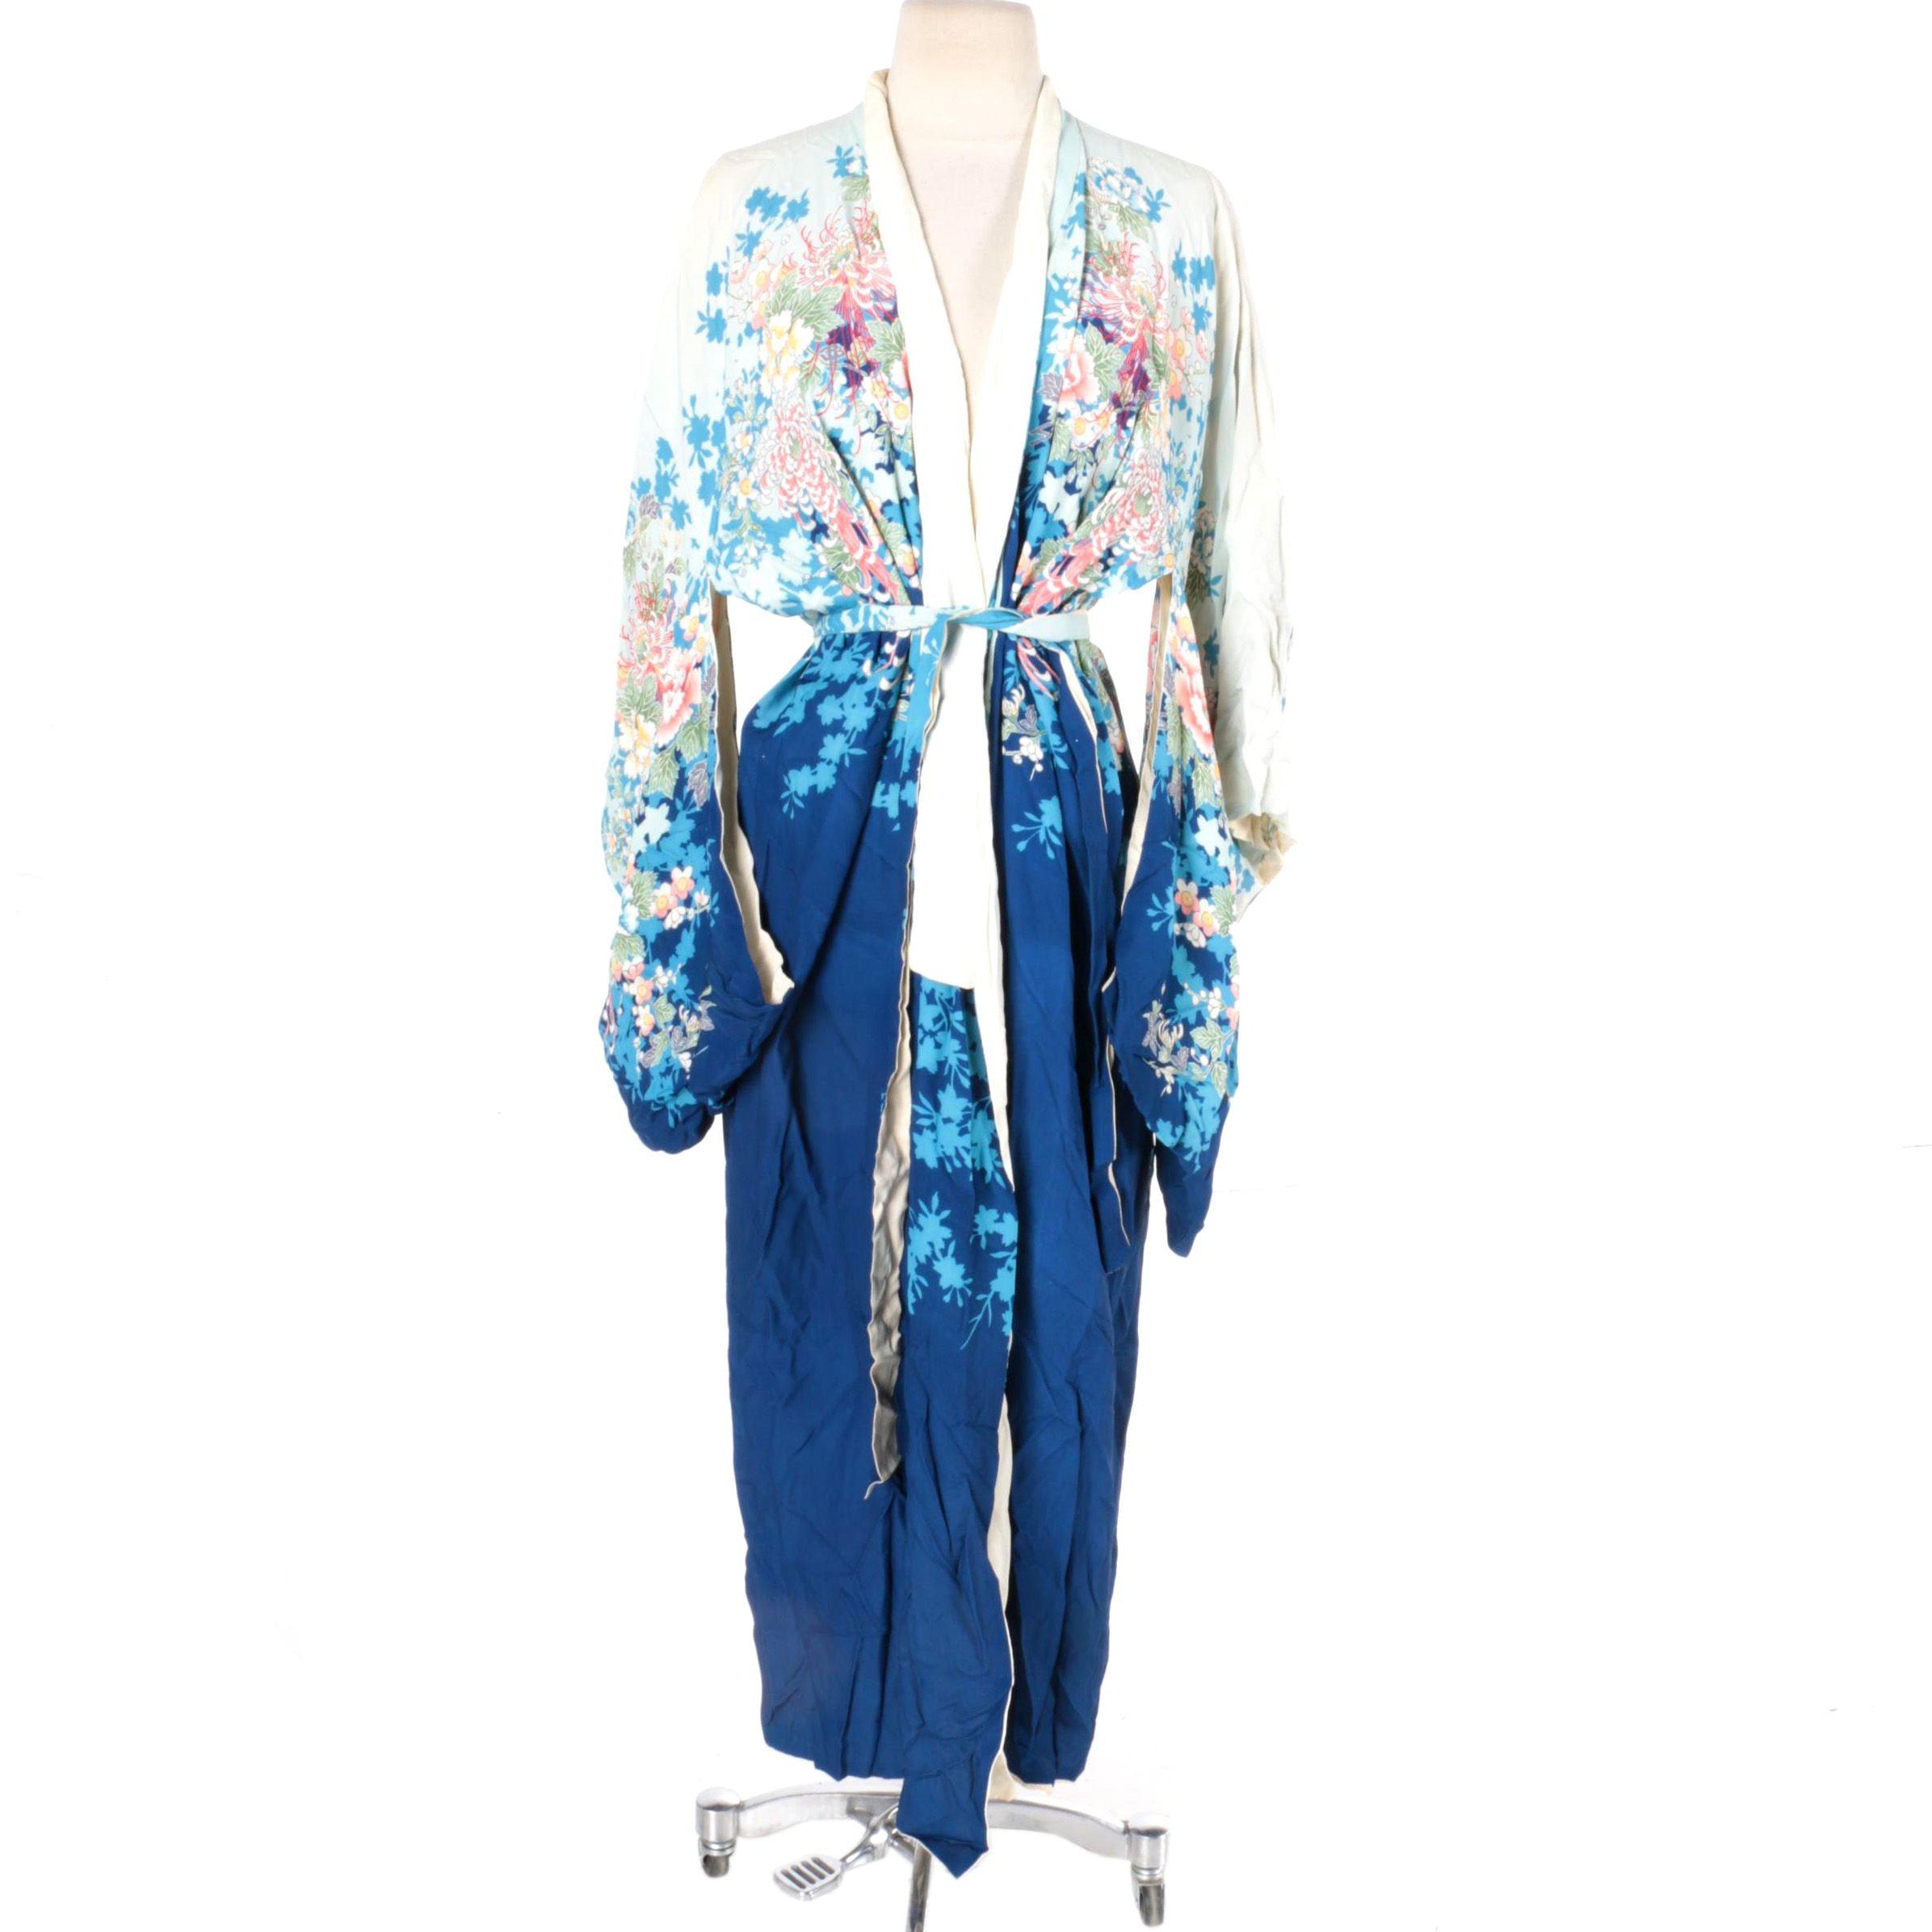 Vintage Japanese Kimono Style Robe